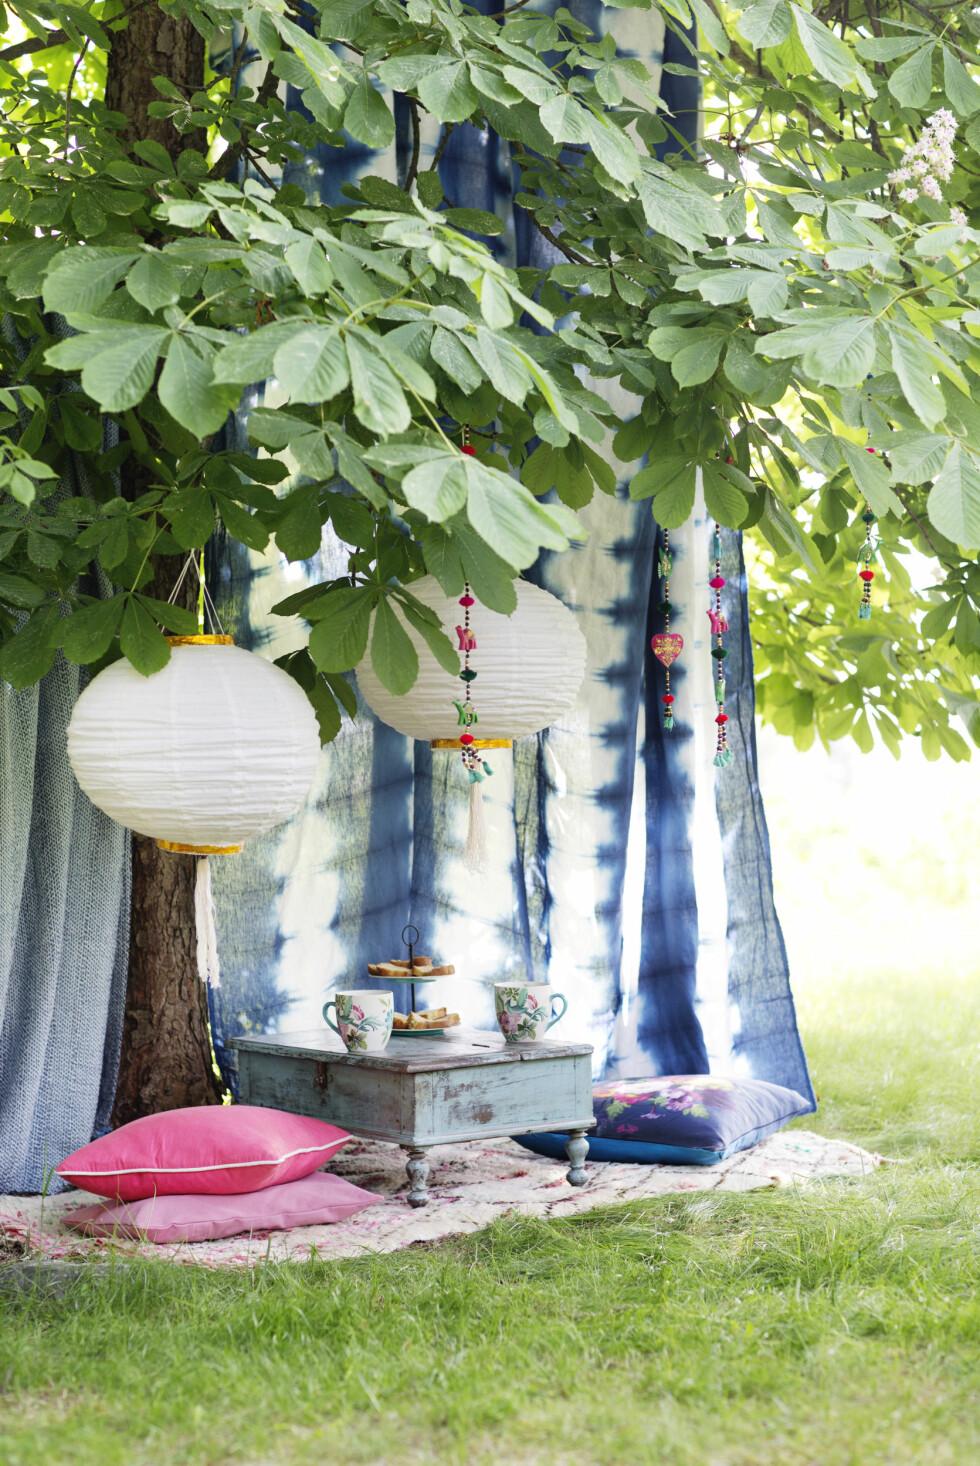 I TRÆRNE: Heng stoffer i træne og pynt med tepper - perfekt for lune sommerkvelder.  Foto: Yvonne Wilhelmsen